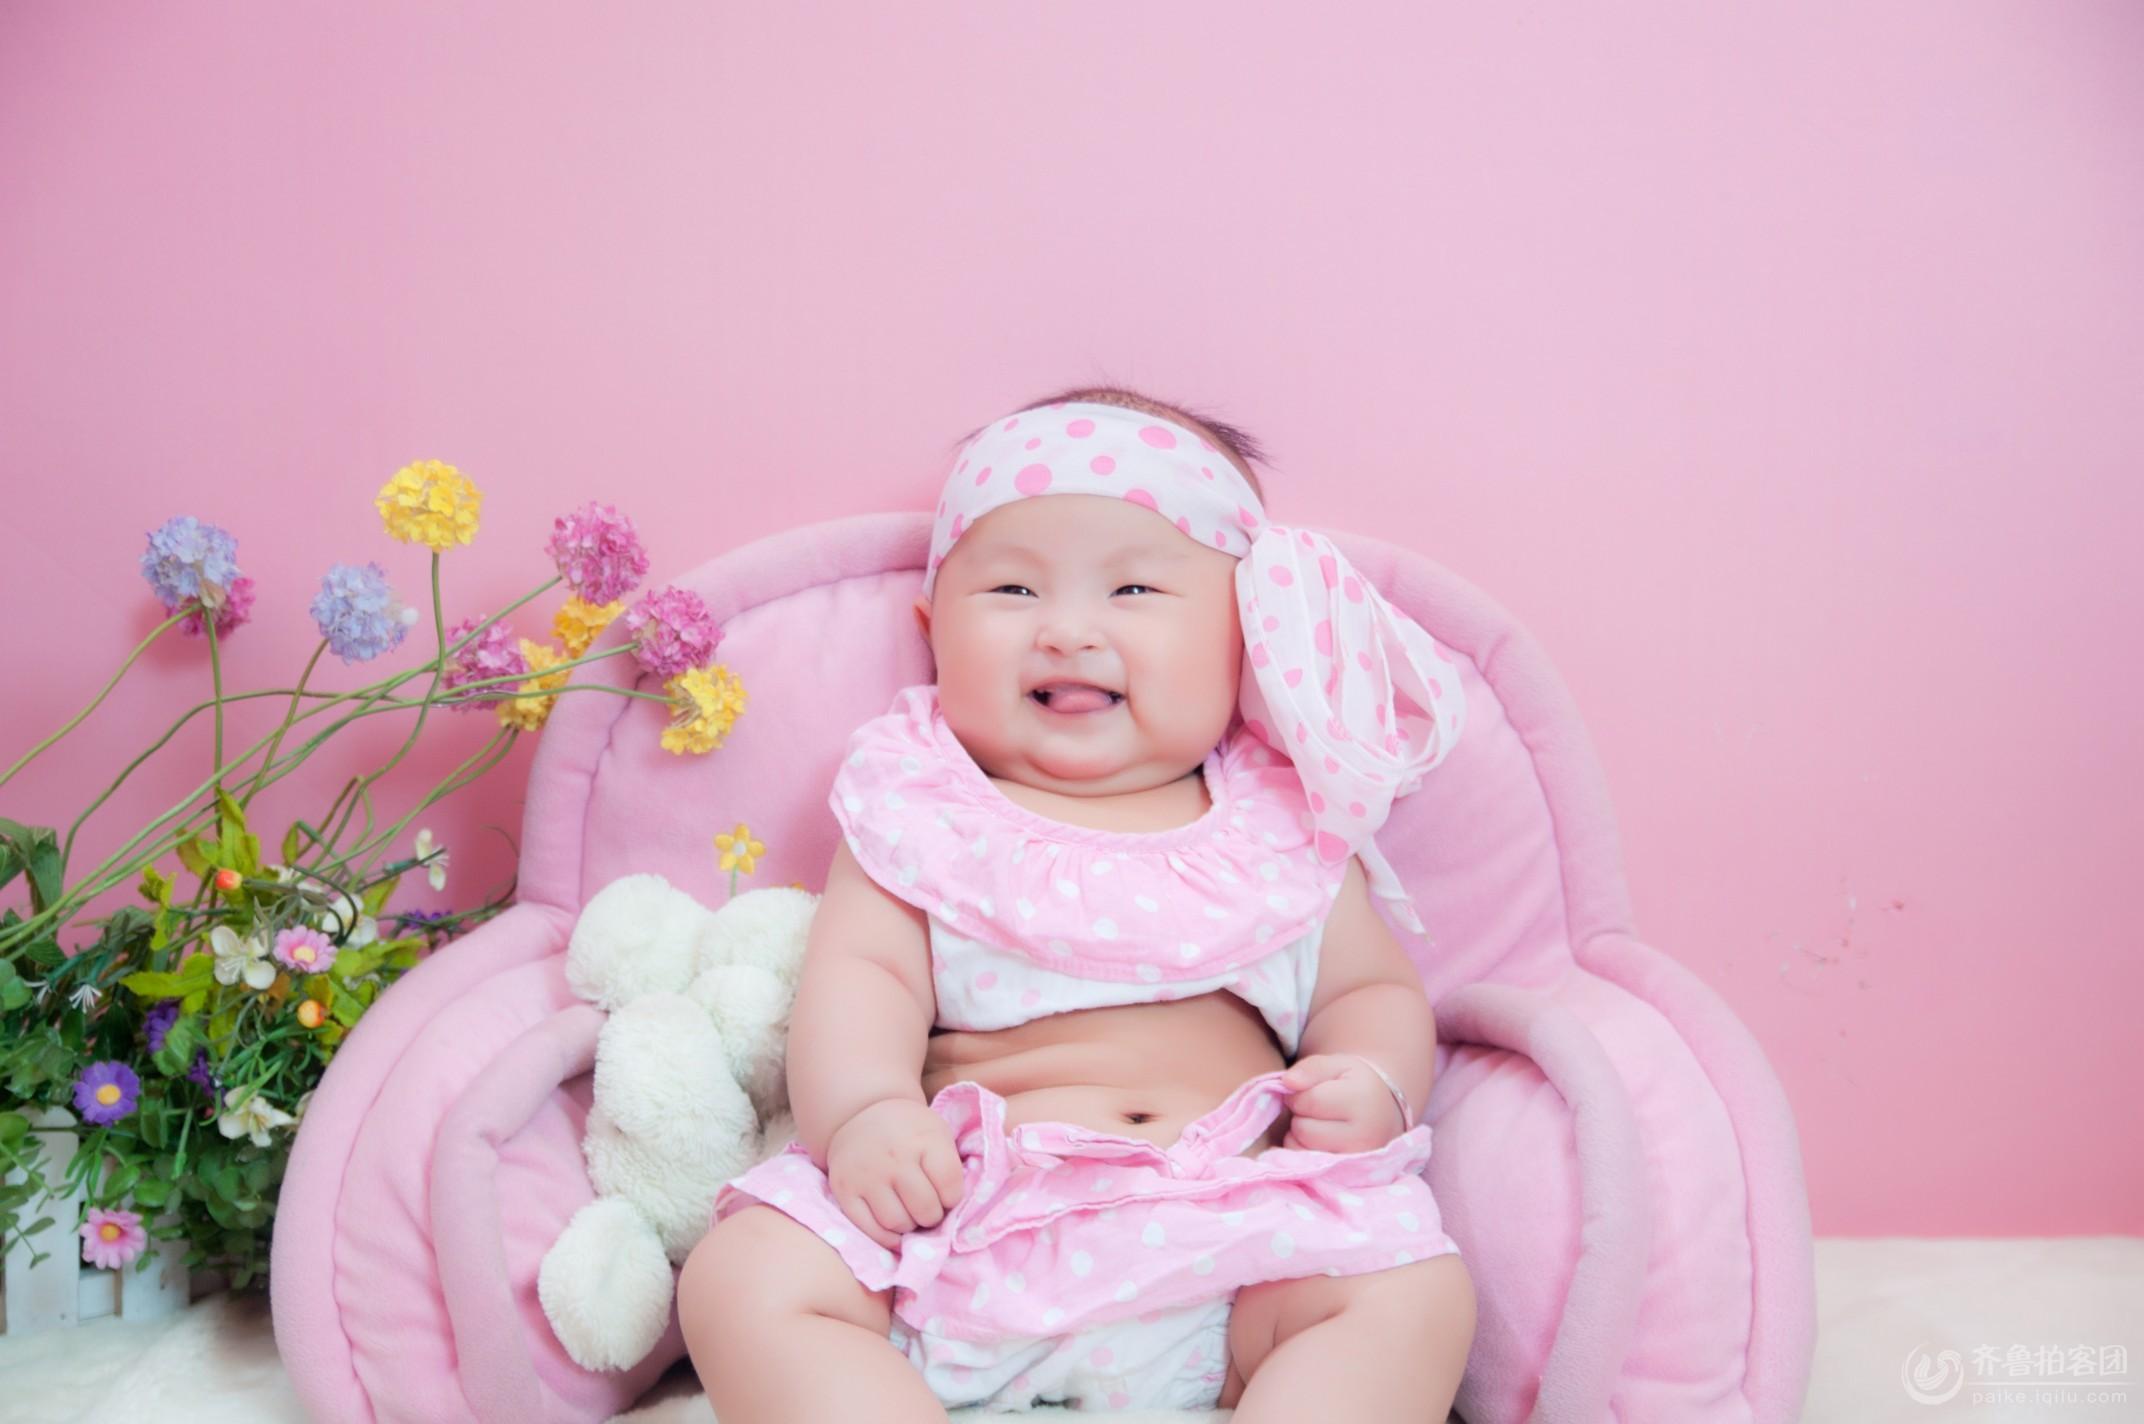 宝宝 壁纸 儿童 孩子 小孩 婴儿 2144_1424